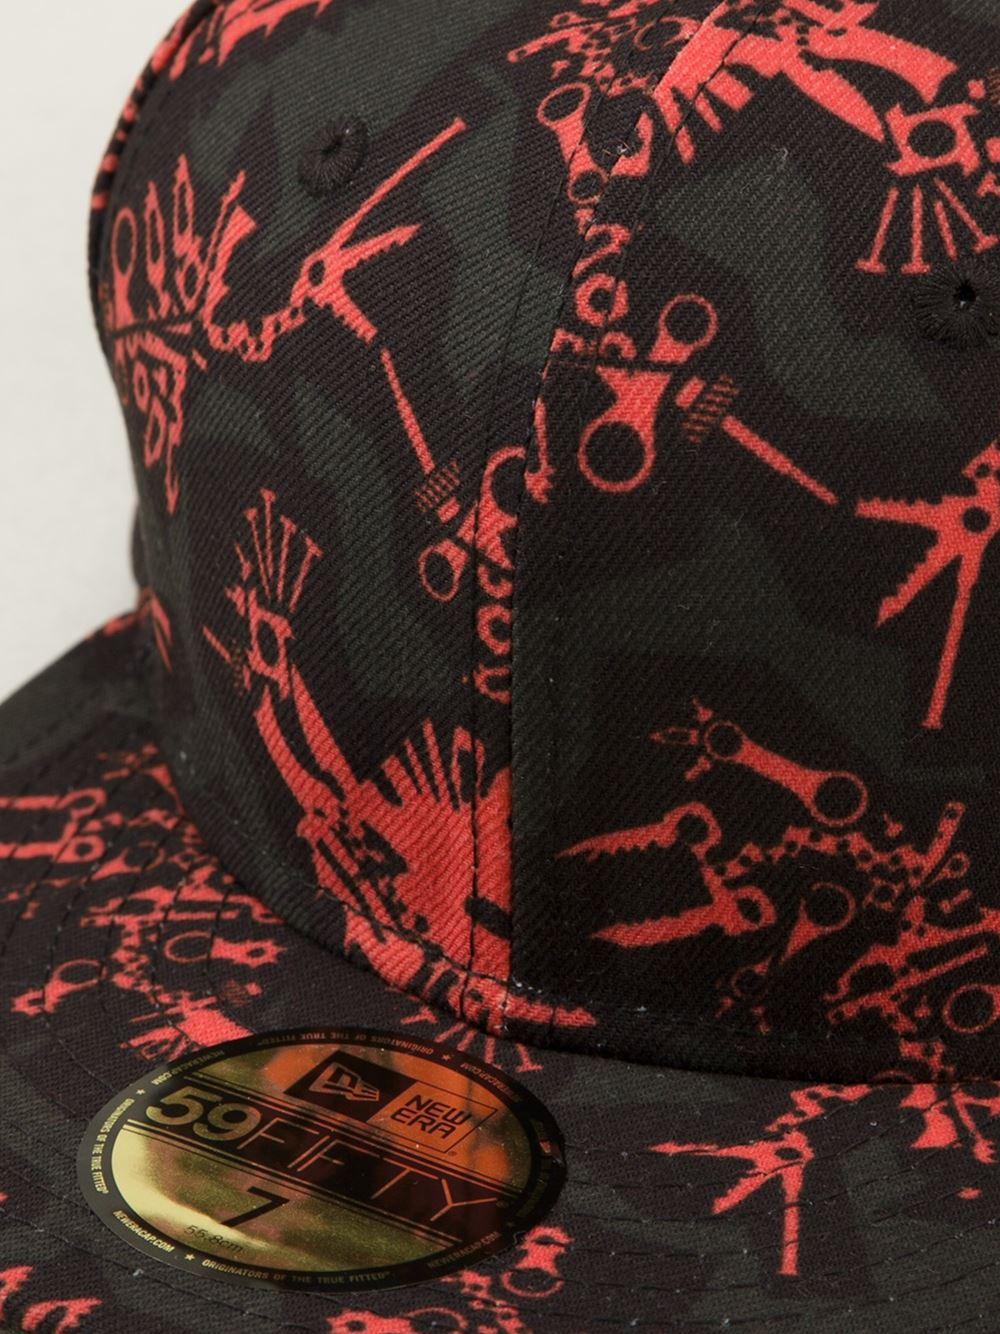 78d039d3a6d Lyst - KENZO  Little Monster New Era  Cap in Red for Men